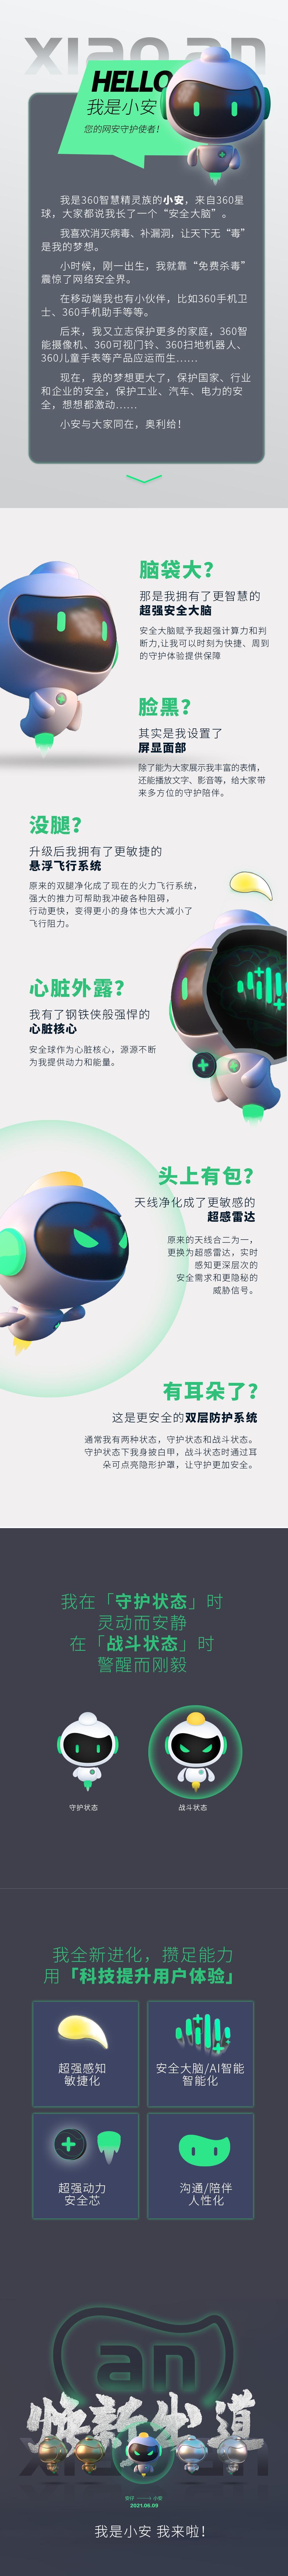 """360推出全新IP形象:让安全""""看得见"""""""